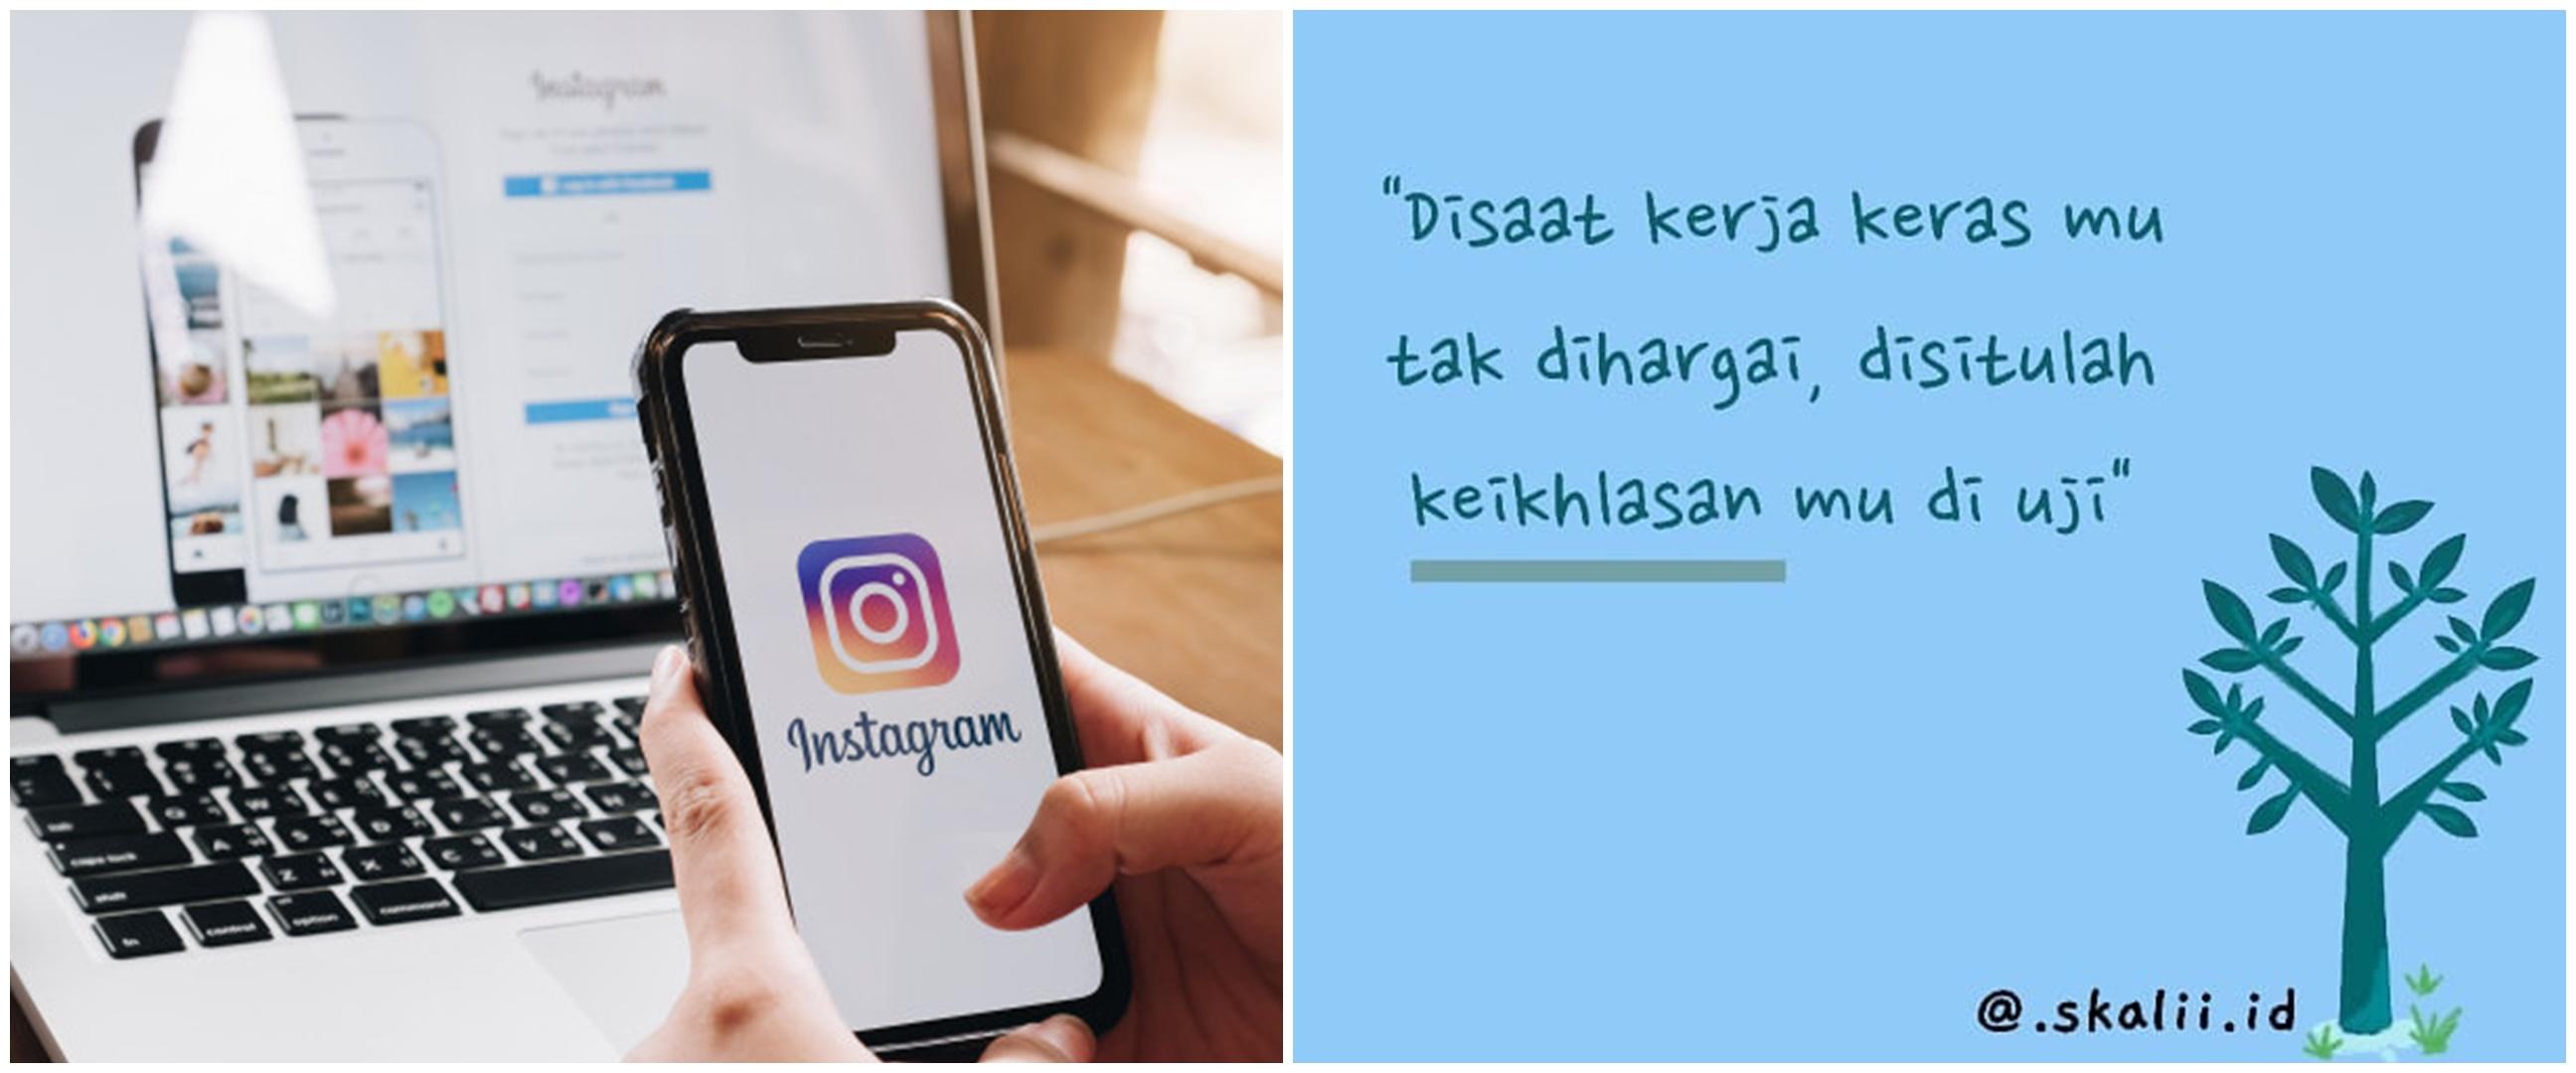 60 Bio Instagram keren, lucu, kekinian, bikin follower bertambah